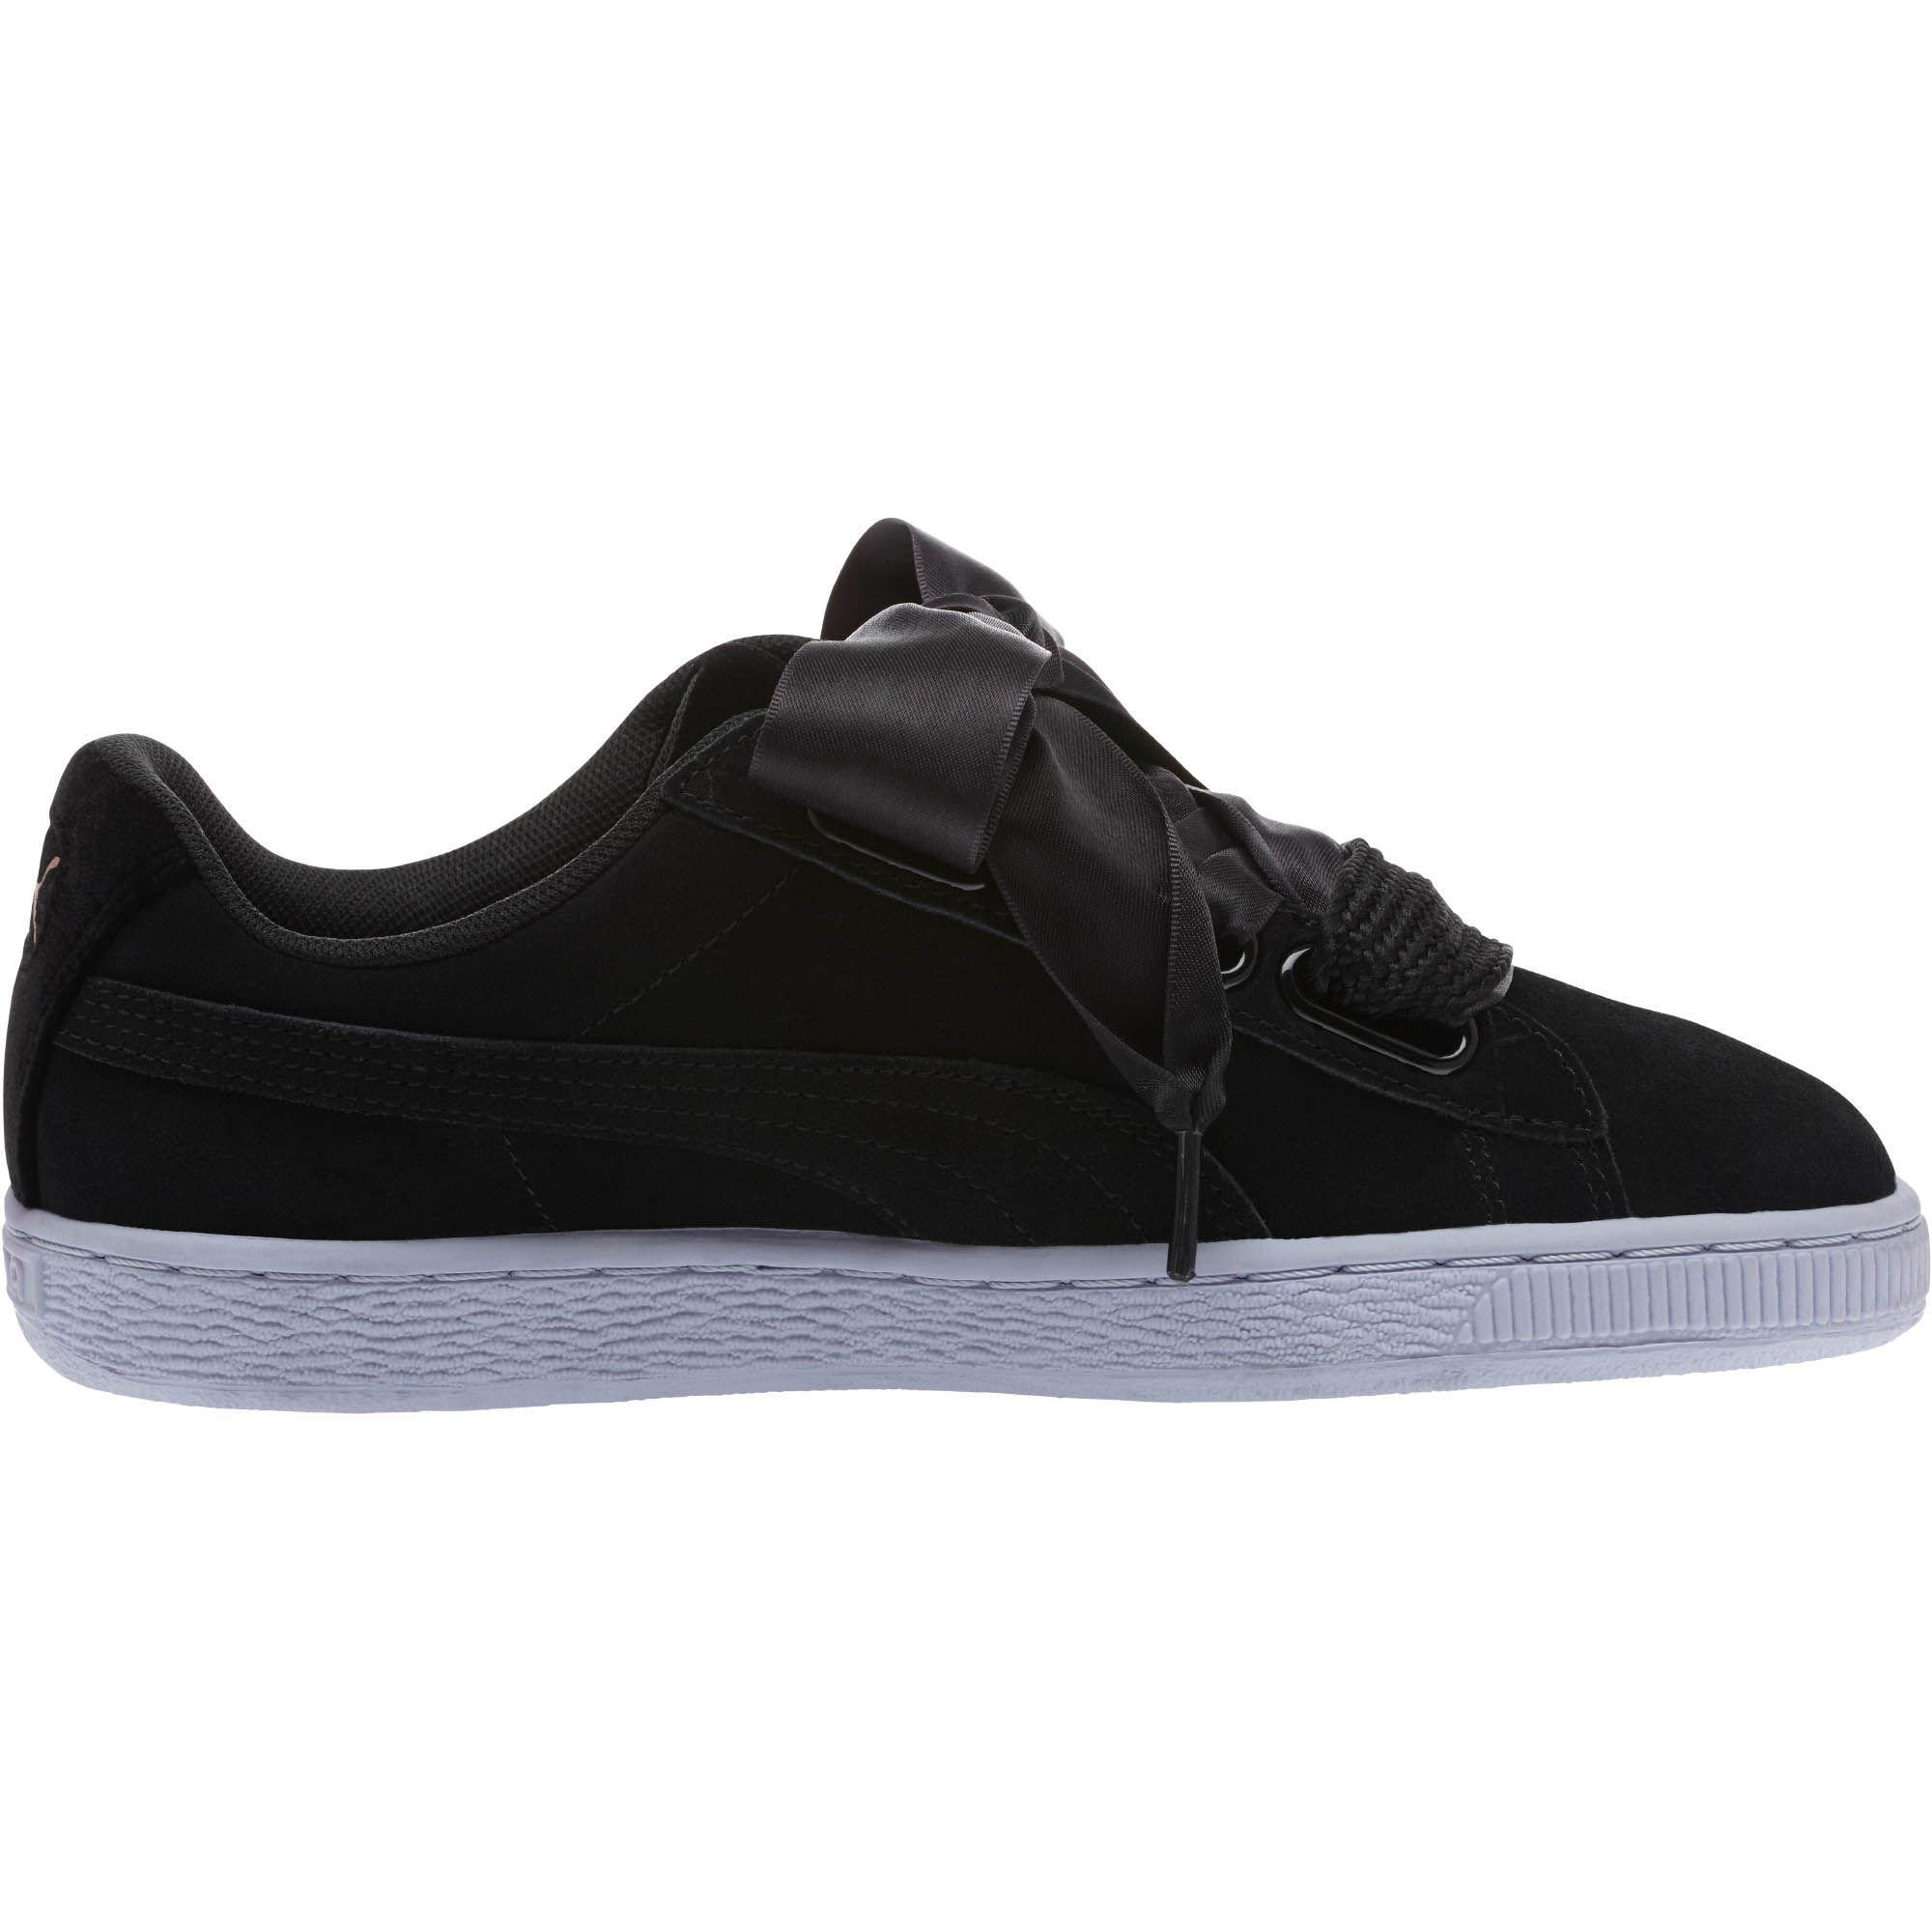 PUMA Suede Heart Vr Women's Sneakers in